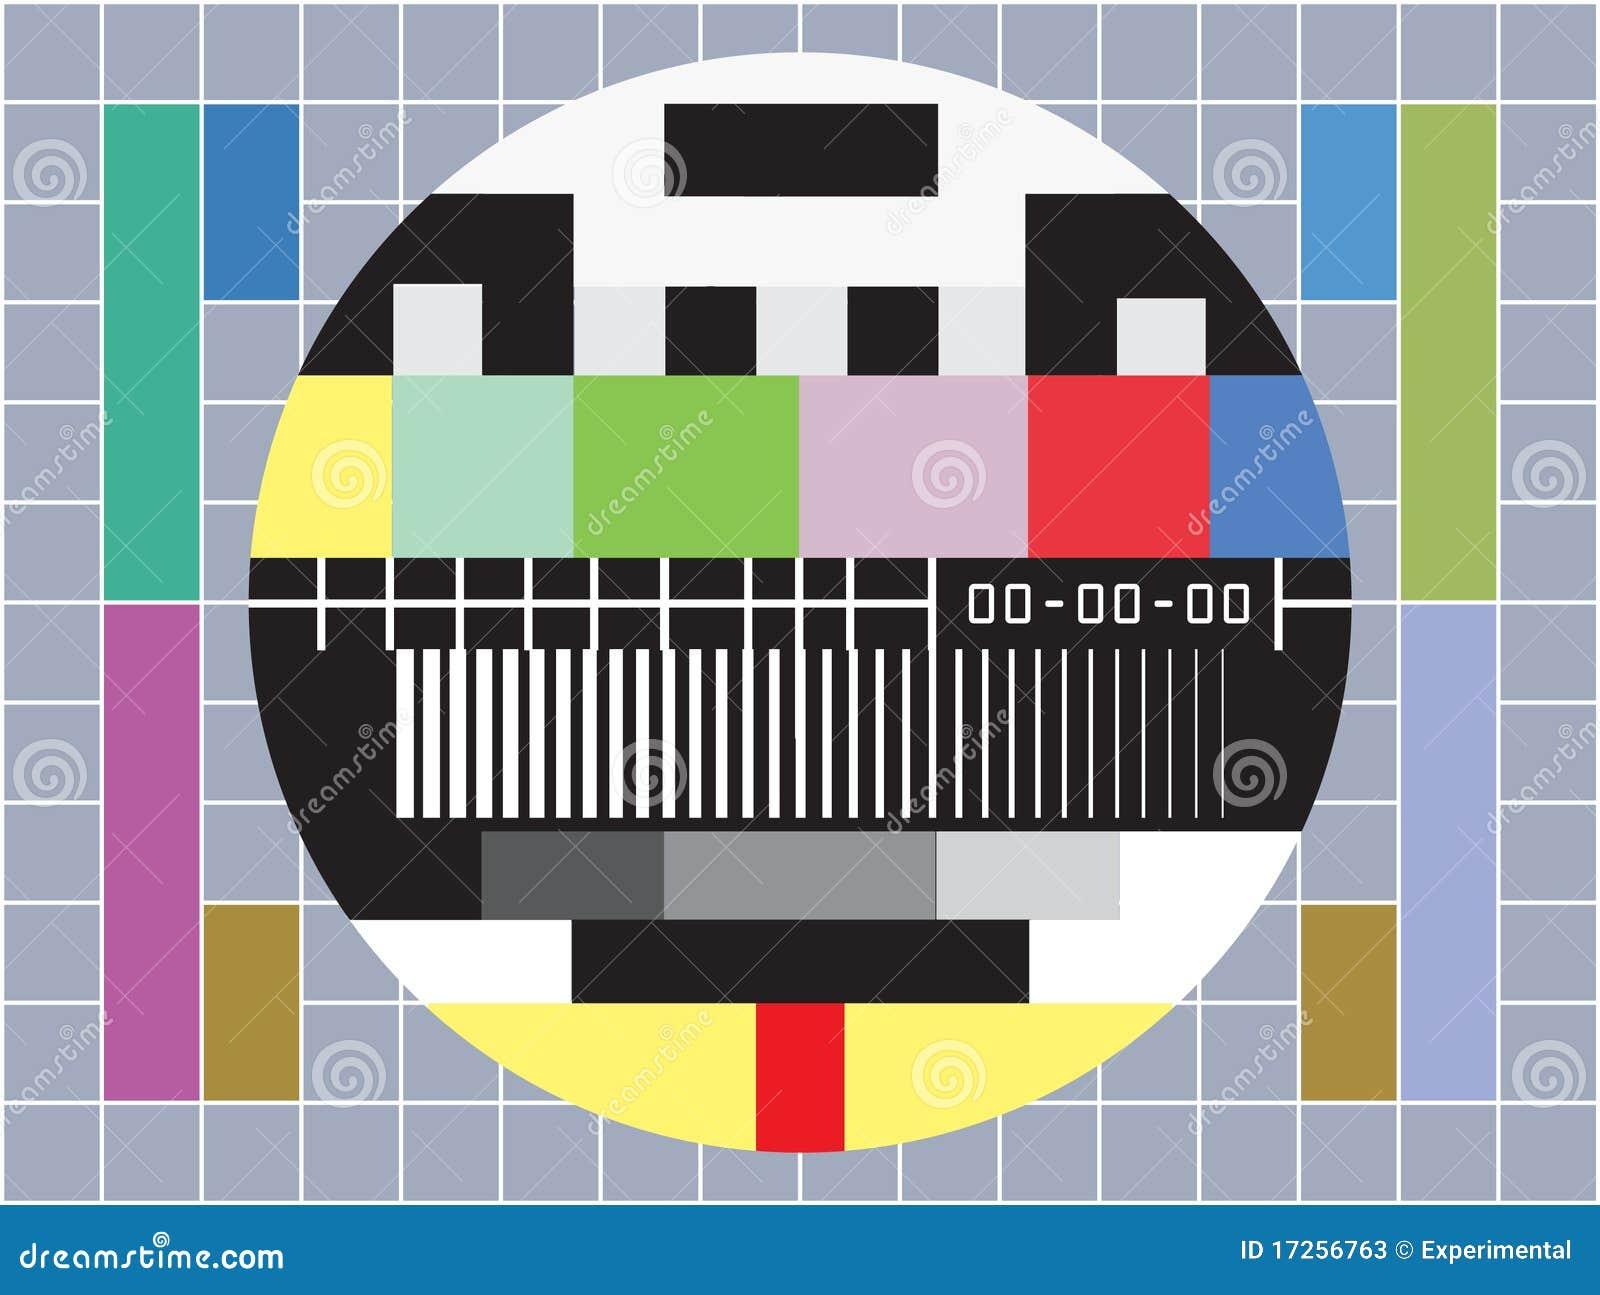 ผลการค้นหารูปภาพสำหรับ wave tv no signal